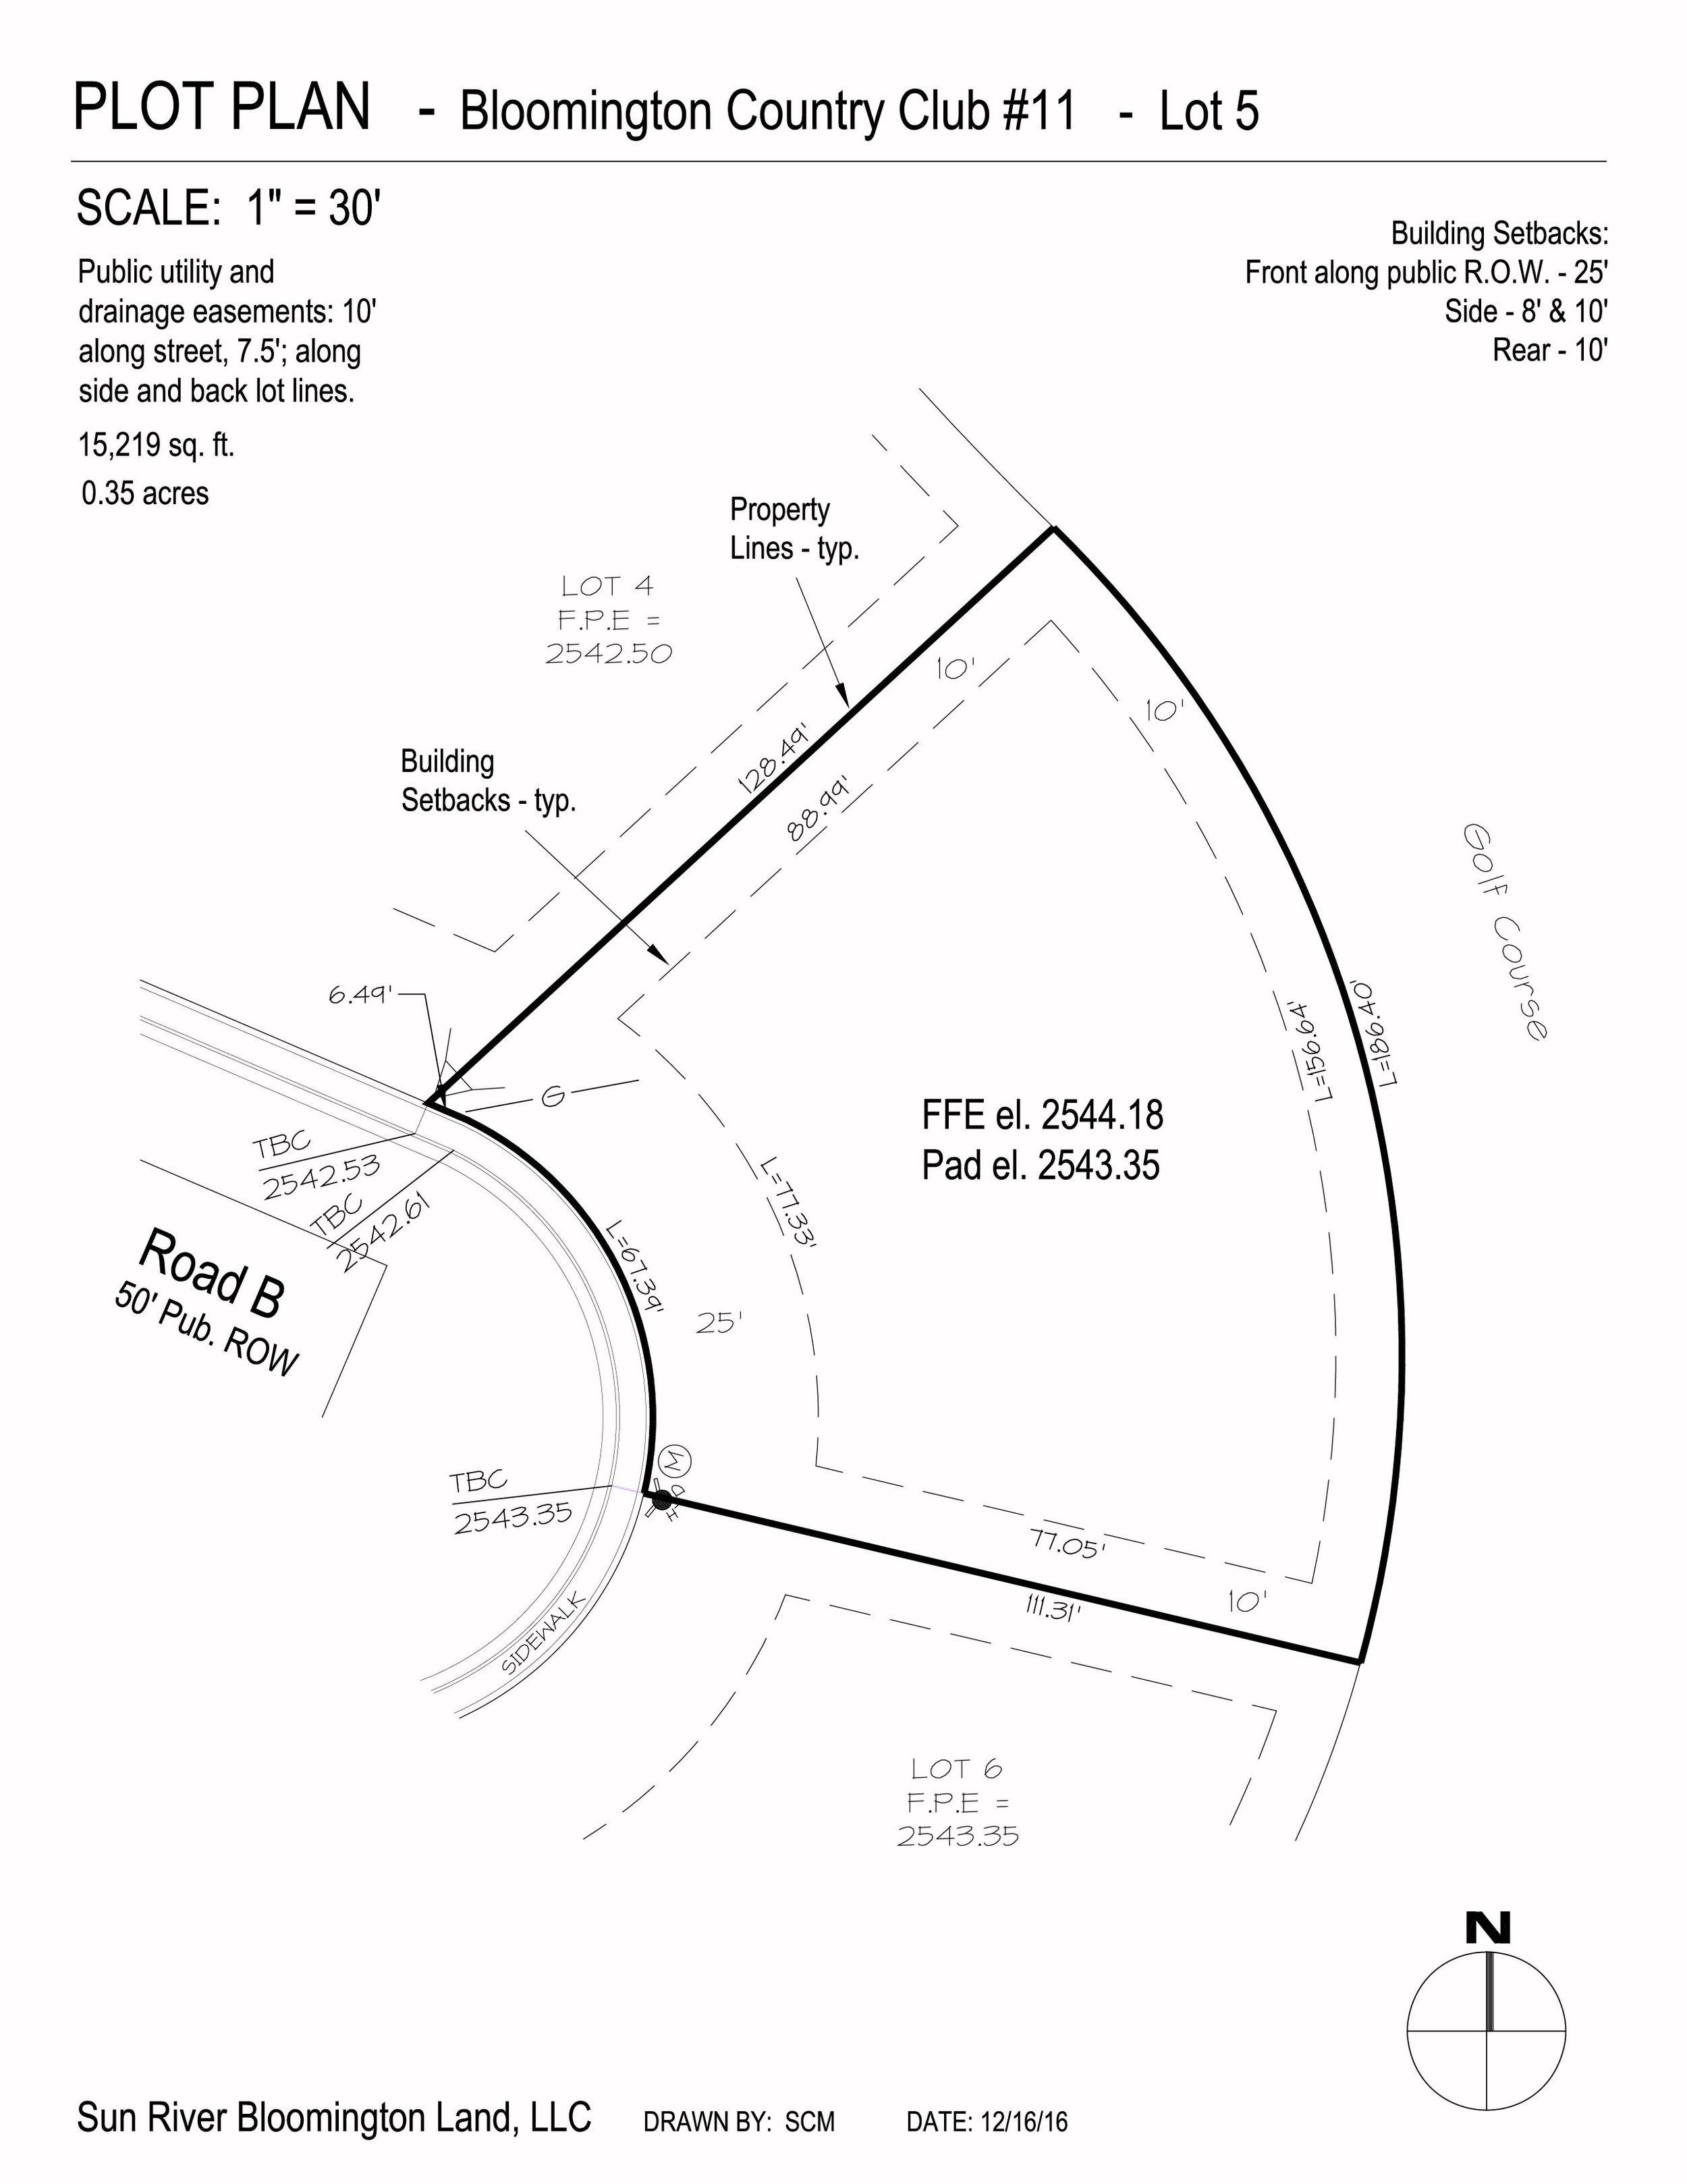 hamblin plot plans-05.jpg